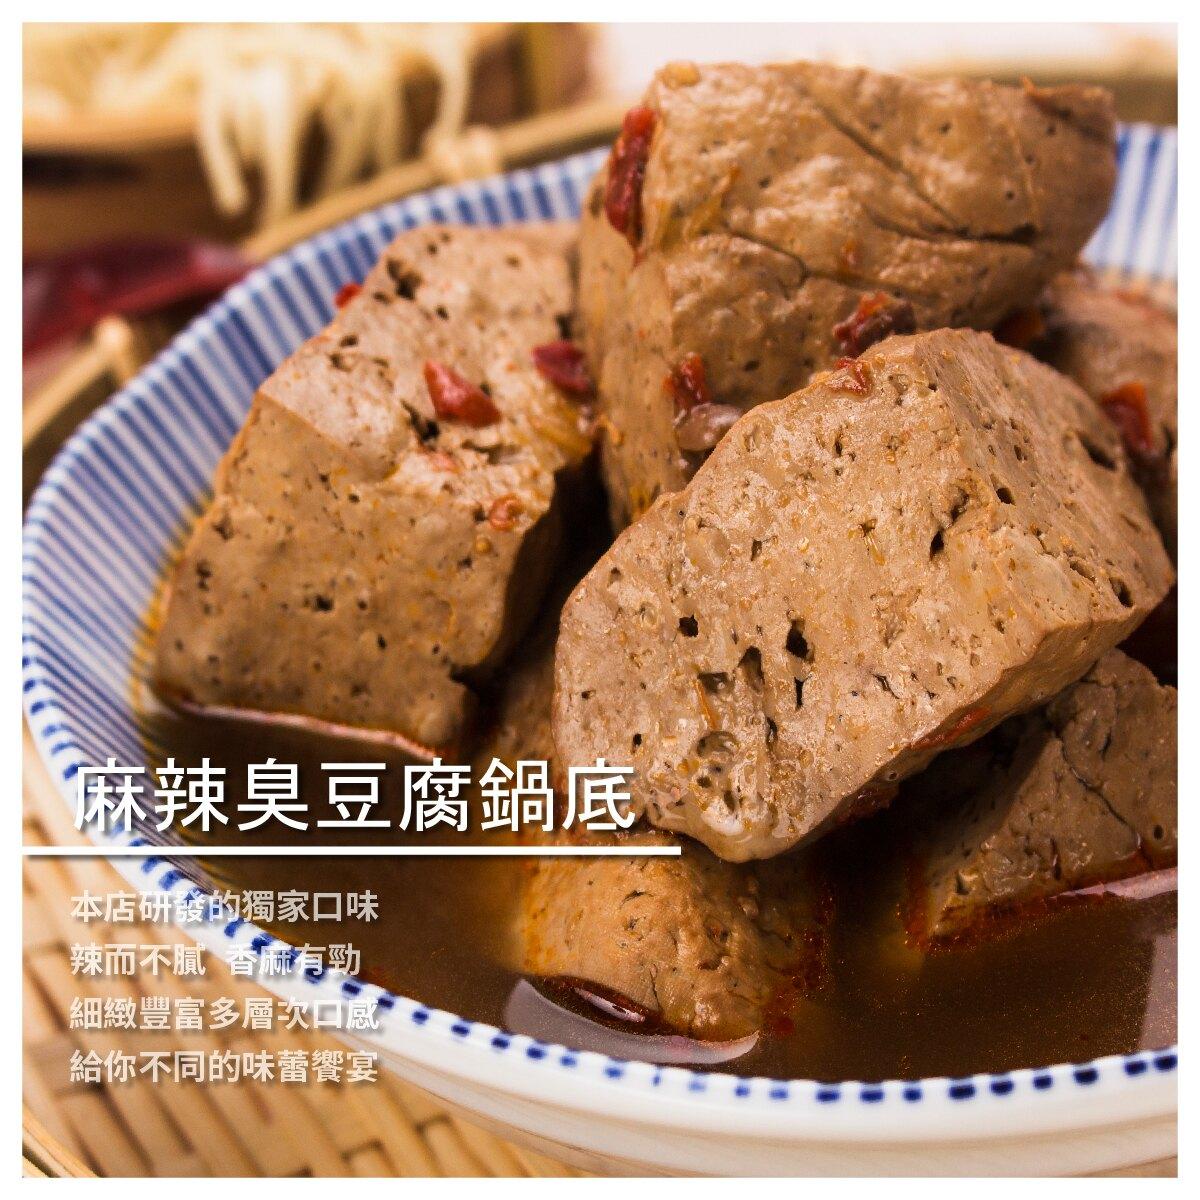 【唐果蔬食料理】麻辣臭豆腐鍋底 家庭號